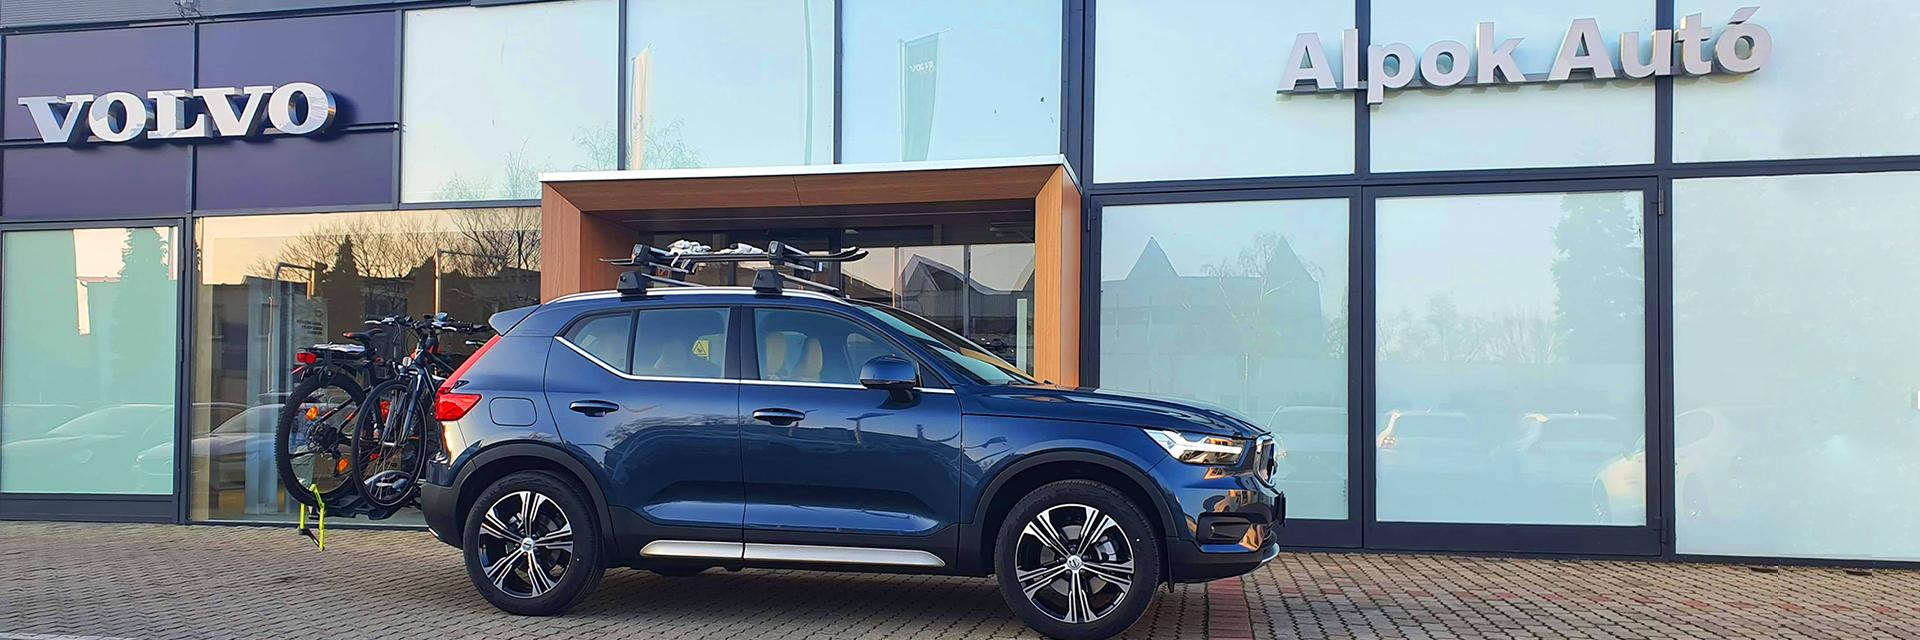 Volvo Alpok Autó rekord eladás